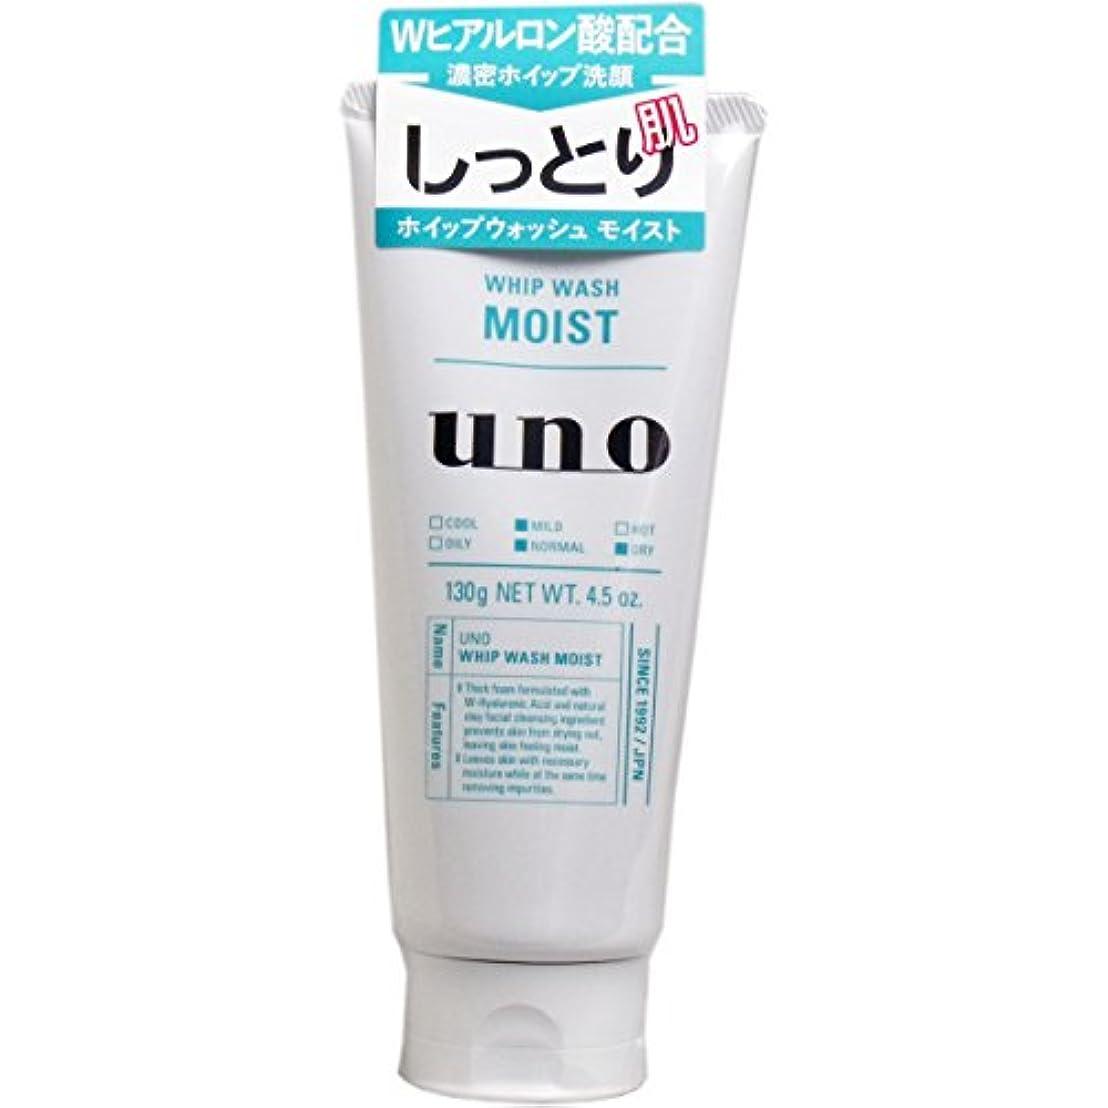 ぐるぐる到着散髪【資生堂】ウーノ(uno) ホイップウォッシュ (モイスト) 130g ×2個セット